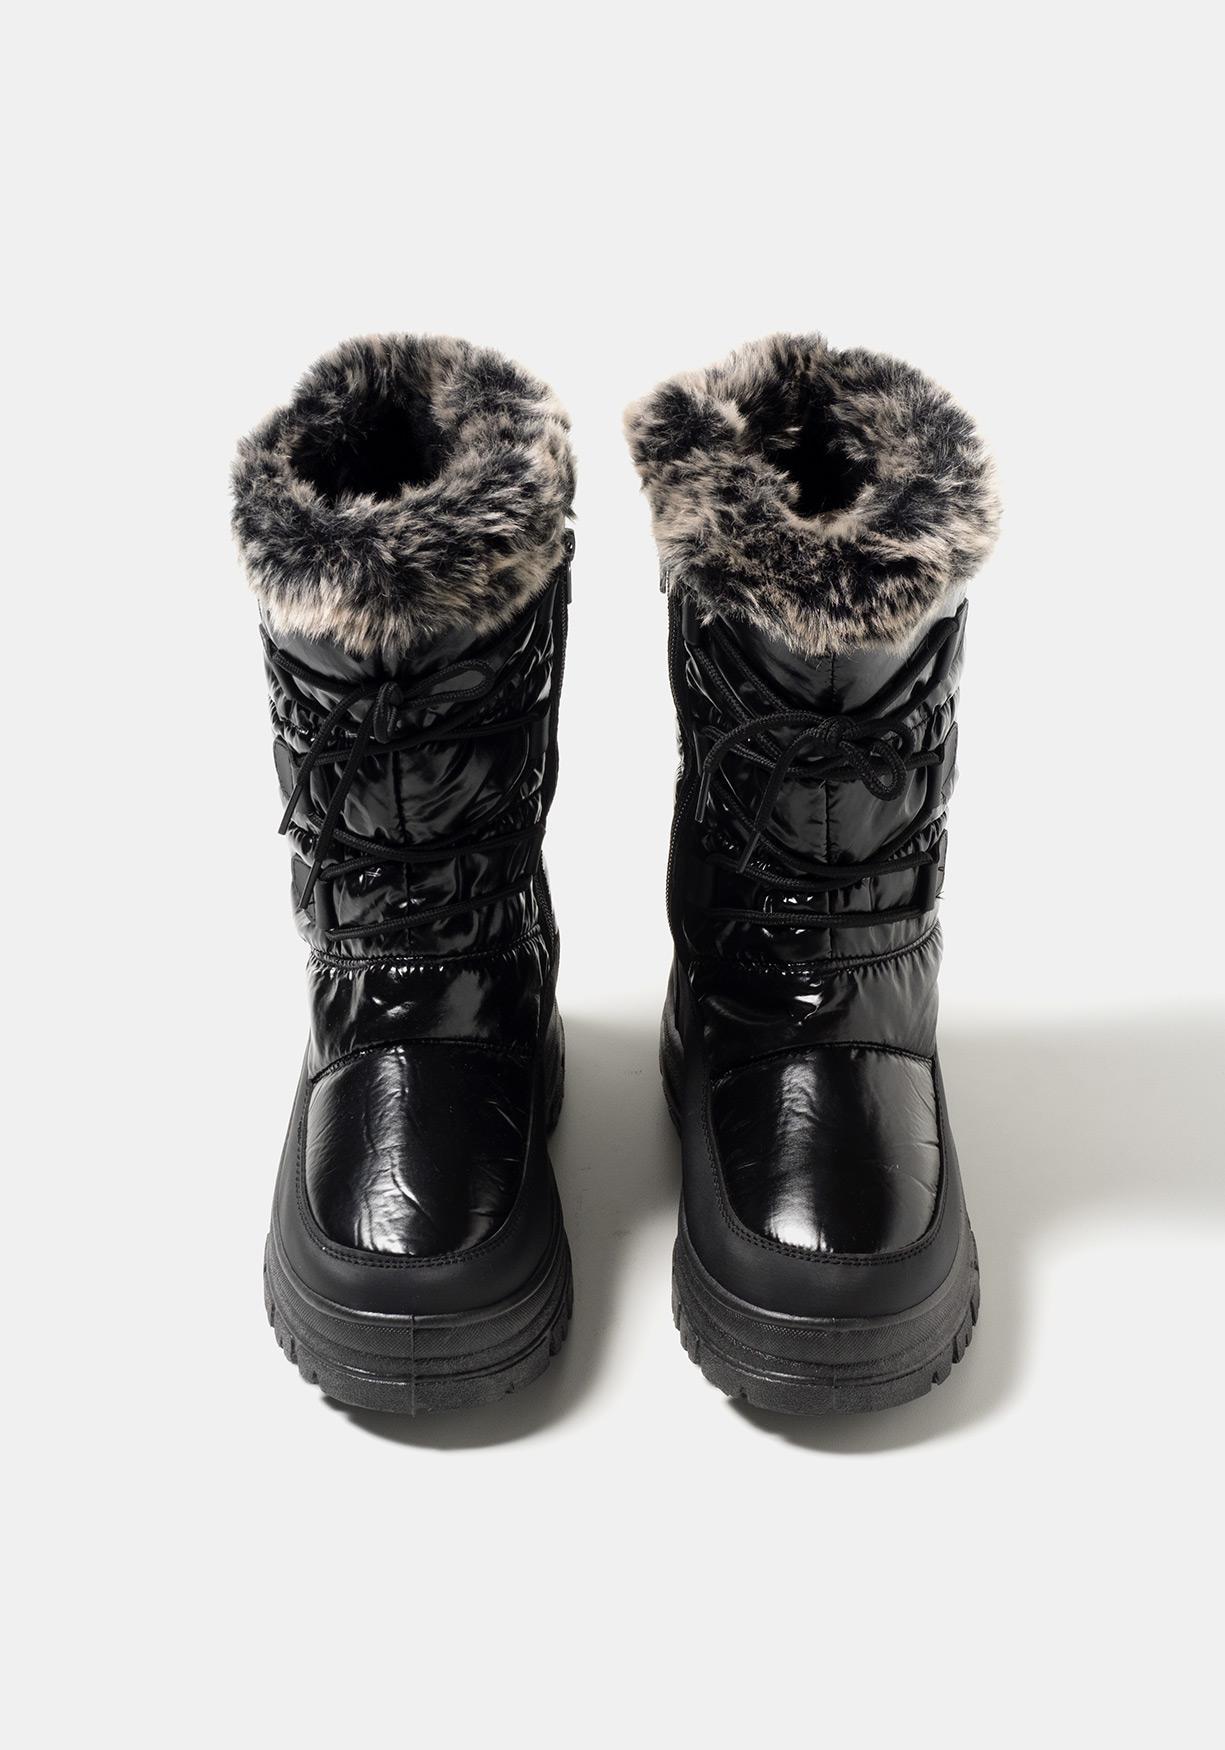 45572ced2 Comprar Botas de nieve con pelito TEX. ¡Aprovéchate de nuestros ...